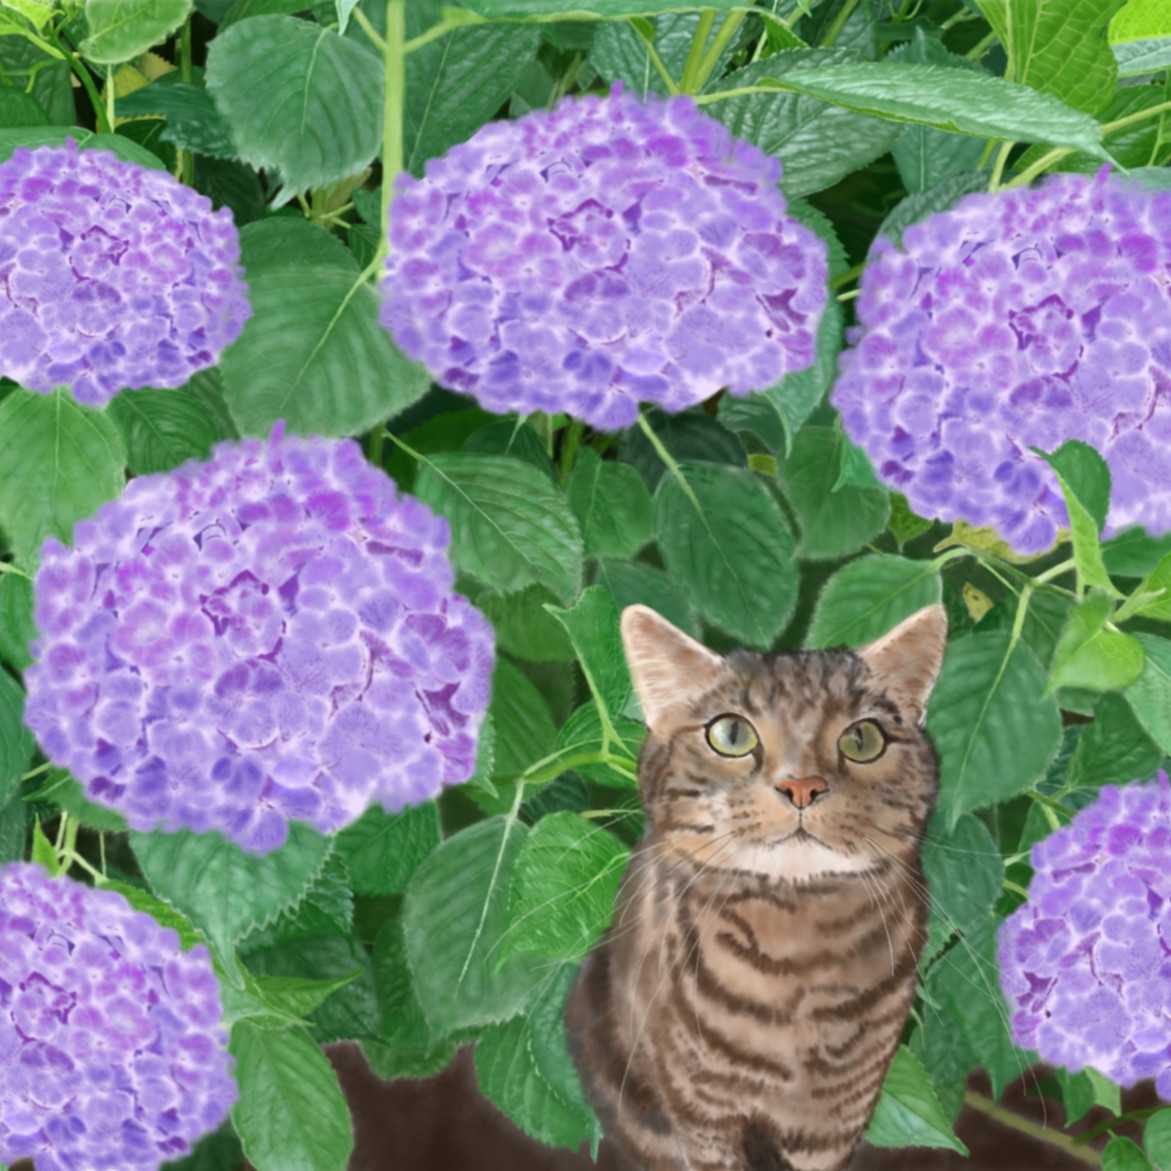 絵画 インテリア アートパネル 雑貨 壁掛け 置物 おしゃれ 猫 動物 デジタルアート 紫陽花 ロココロ 画家 : rune 作品 : 紫陽花の下で